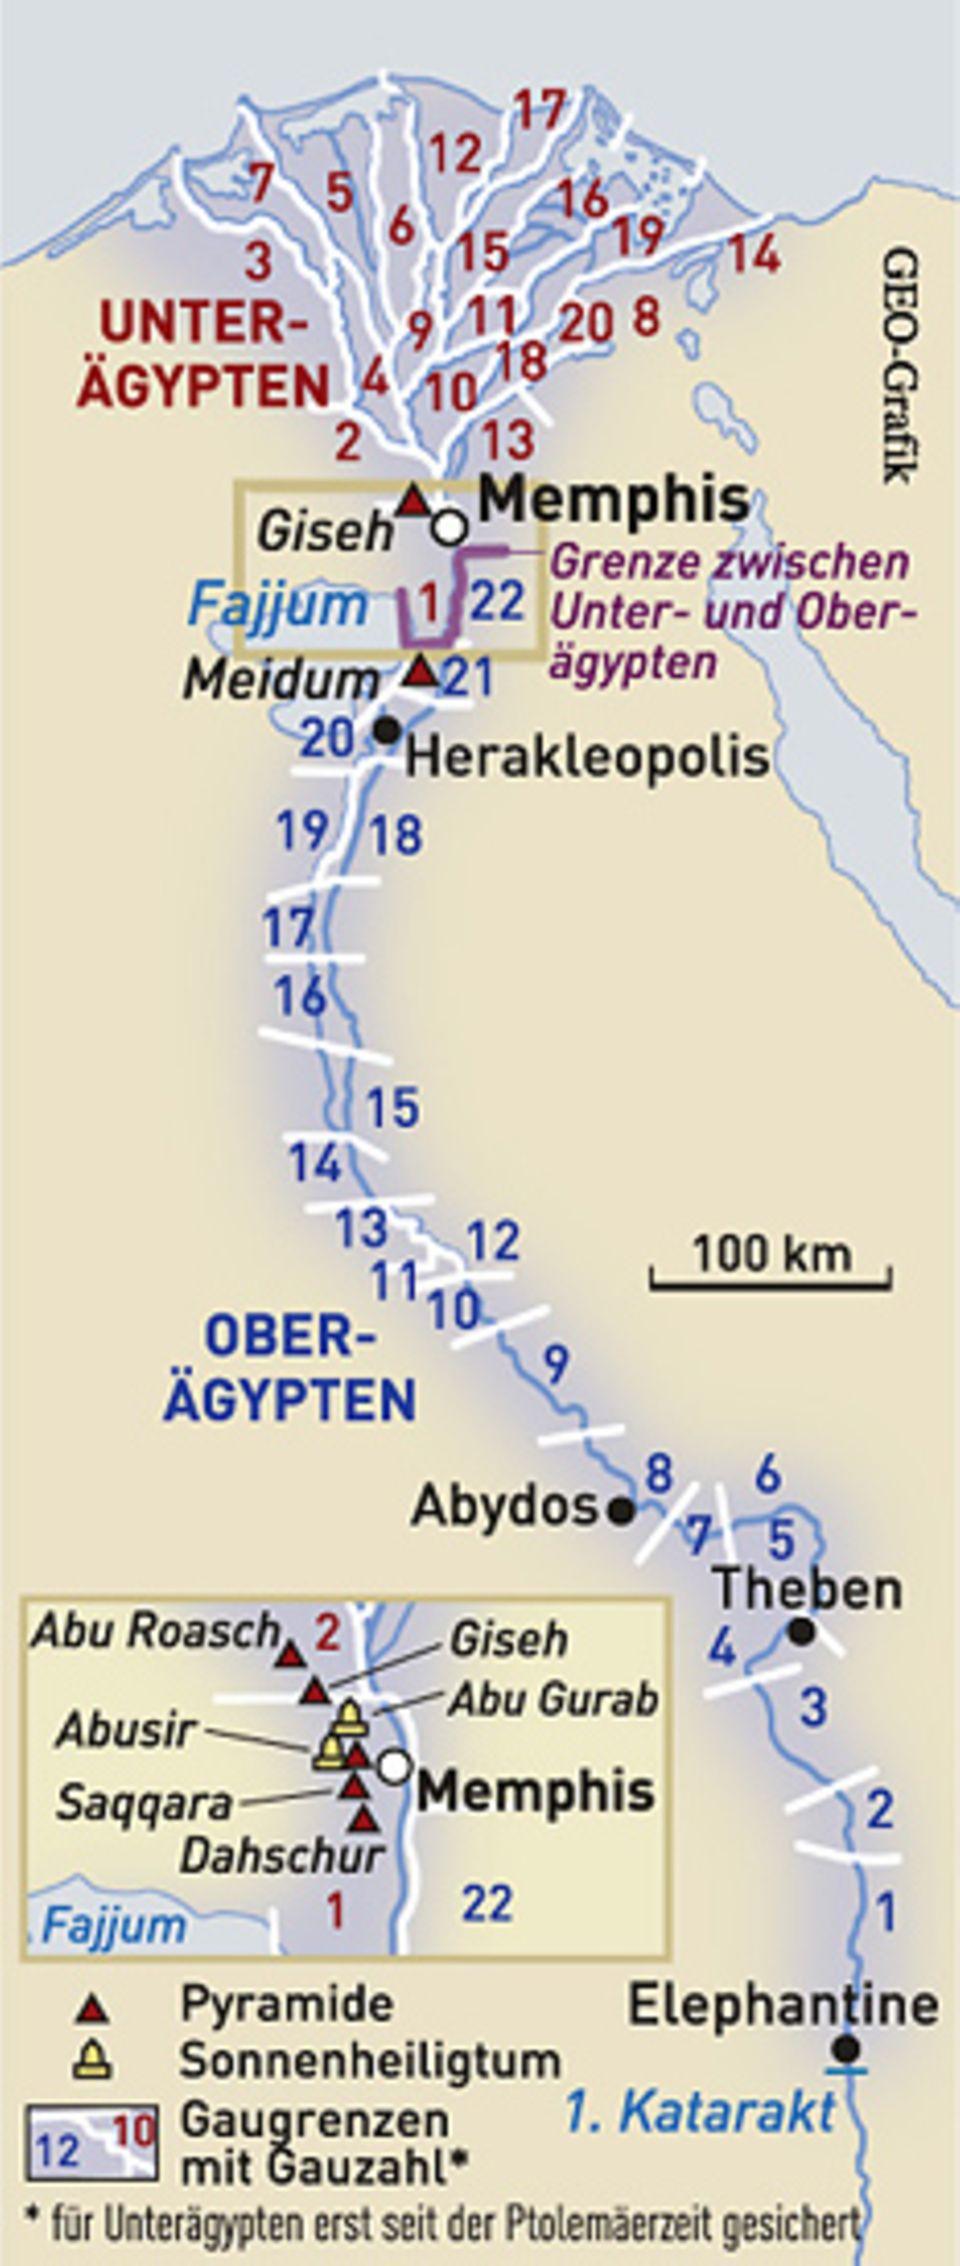 Altes Ägypten: Altes Reich: Schon früh schaffen die Pharaonen eine straffe Administration und teilen das Land in etwa 40 Verwaltungsdistrikte ein